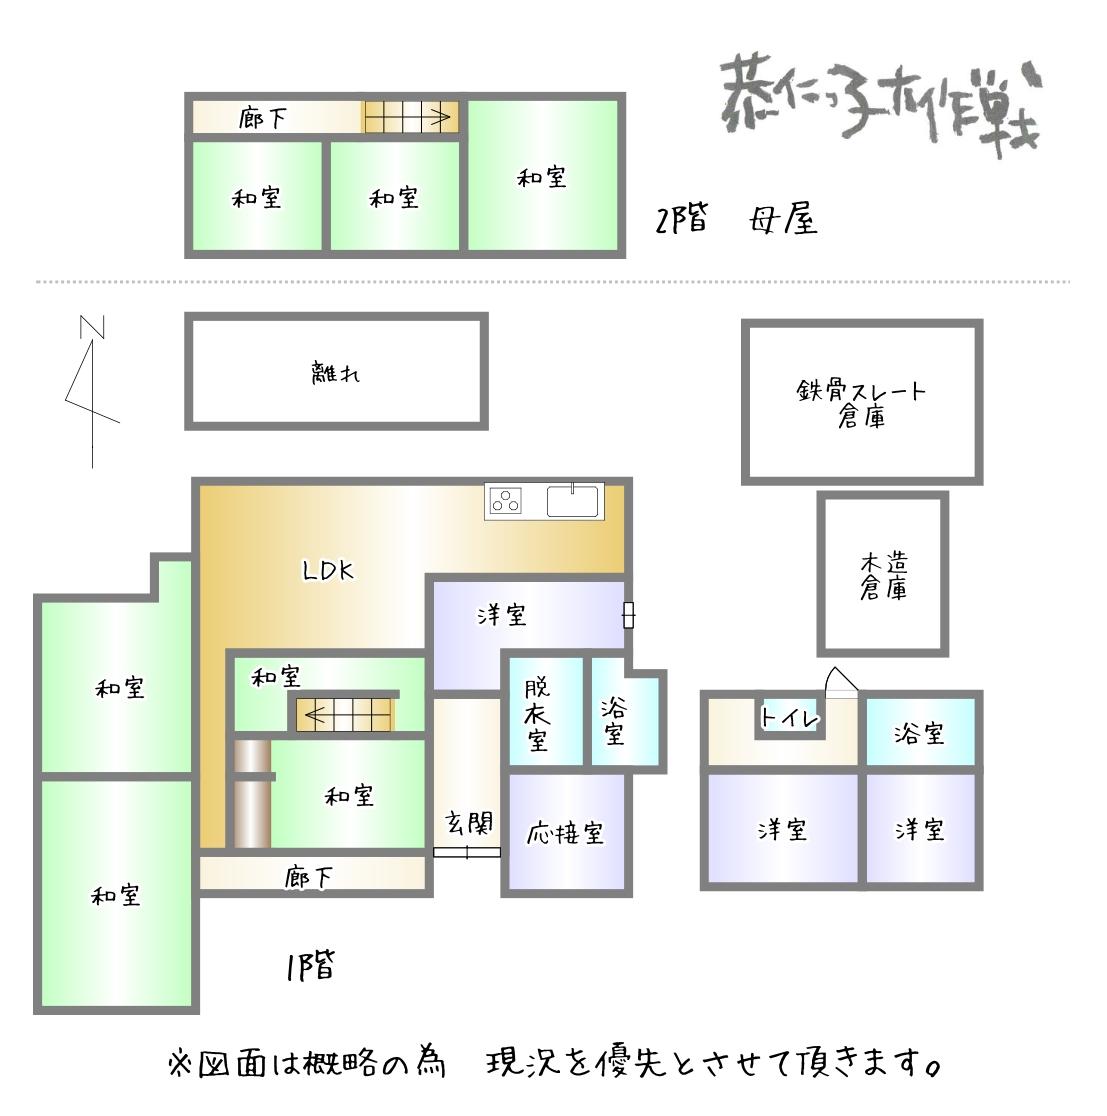 離れに住みながらリノベーションできる坂のうえの家。9LDK│木津川市加茂町